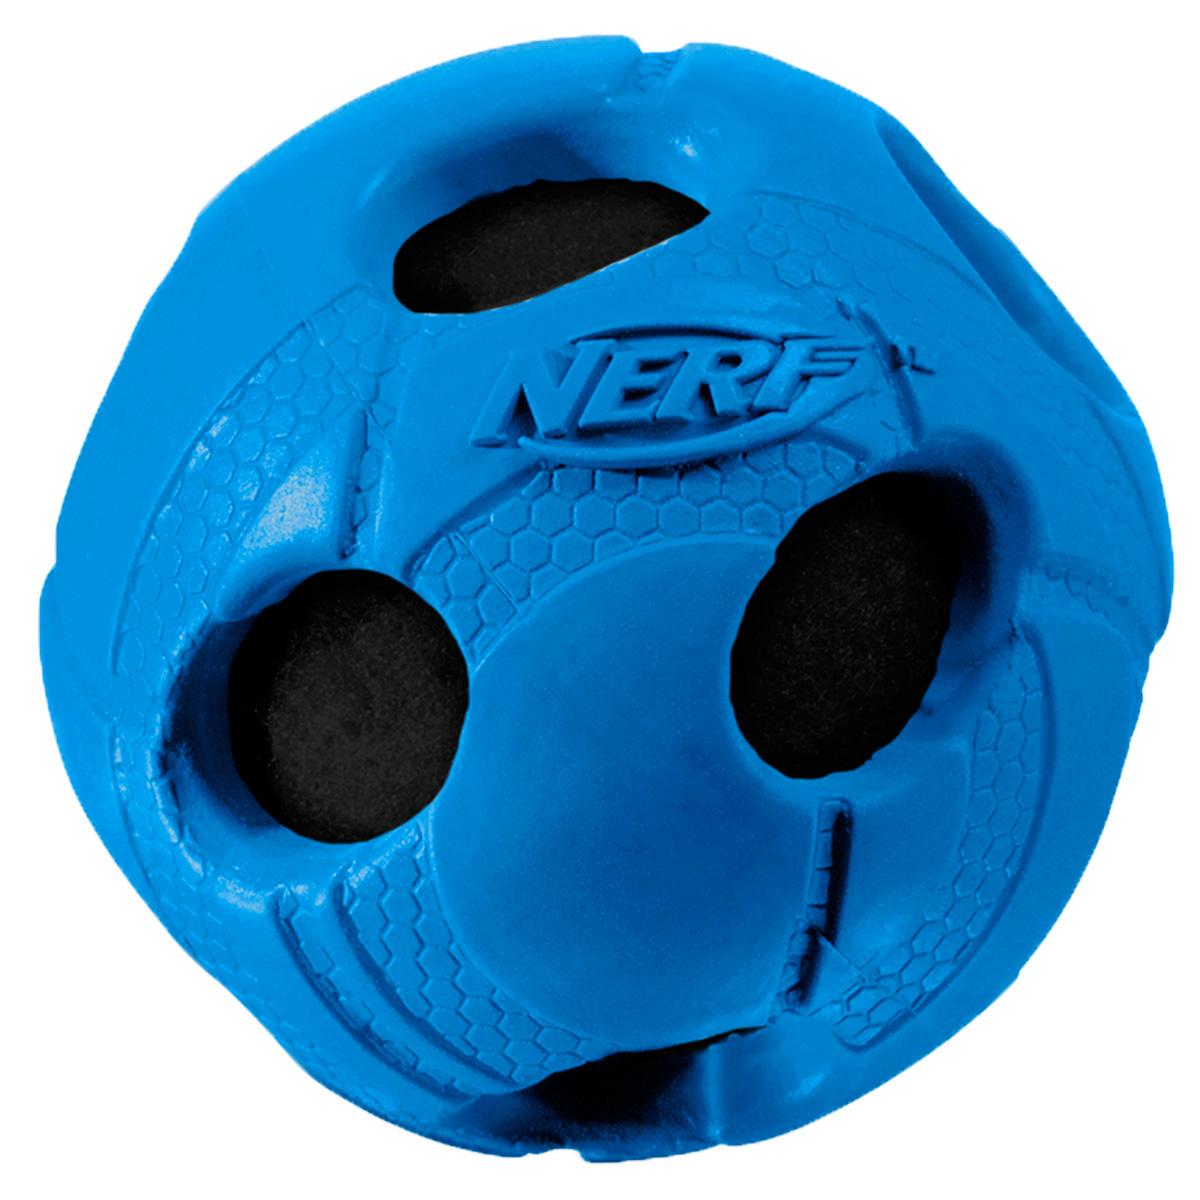 Игрушка для собак Nerf Мяч, с отверстиями, 7,5 см0120710Мяч из прочной резины с теннисным мячем внутри!Высококачественные прочные материалы, из которых изготовлена игрушка, обеспечивают долговечность использования!Звук мяча дополнительно увлекает собаку игрой!Яркие привлекательные цвета! Рельефный рисунок!Игрушки Nerf Dog представлены в различных сериях в зависимости от рисунка, фактуры и материала, из которого они изготовлены (резина, ТПР, нейлон, пластик, каучук).Размер: 7,5 см, M.